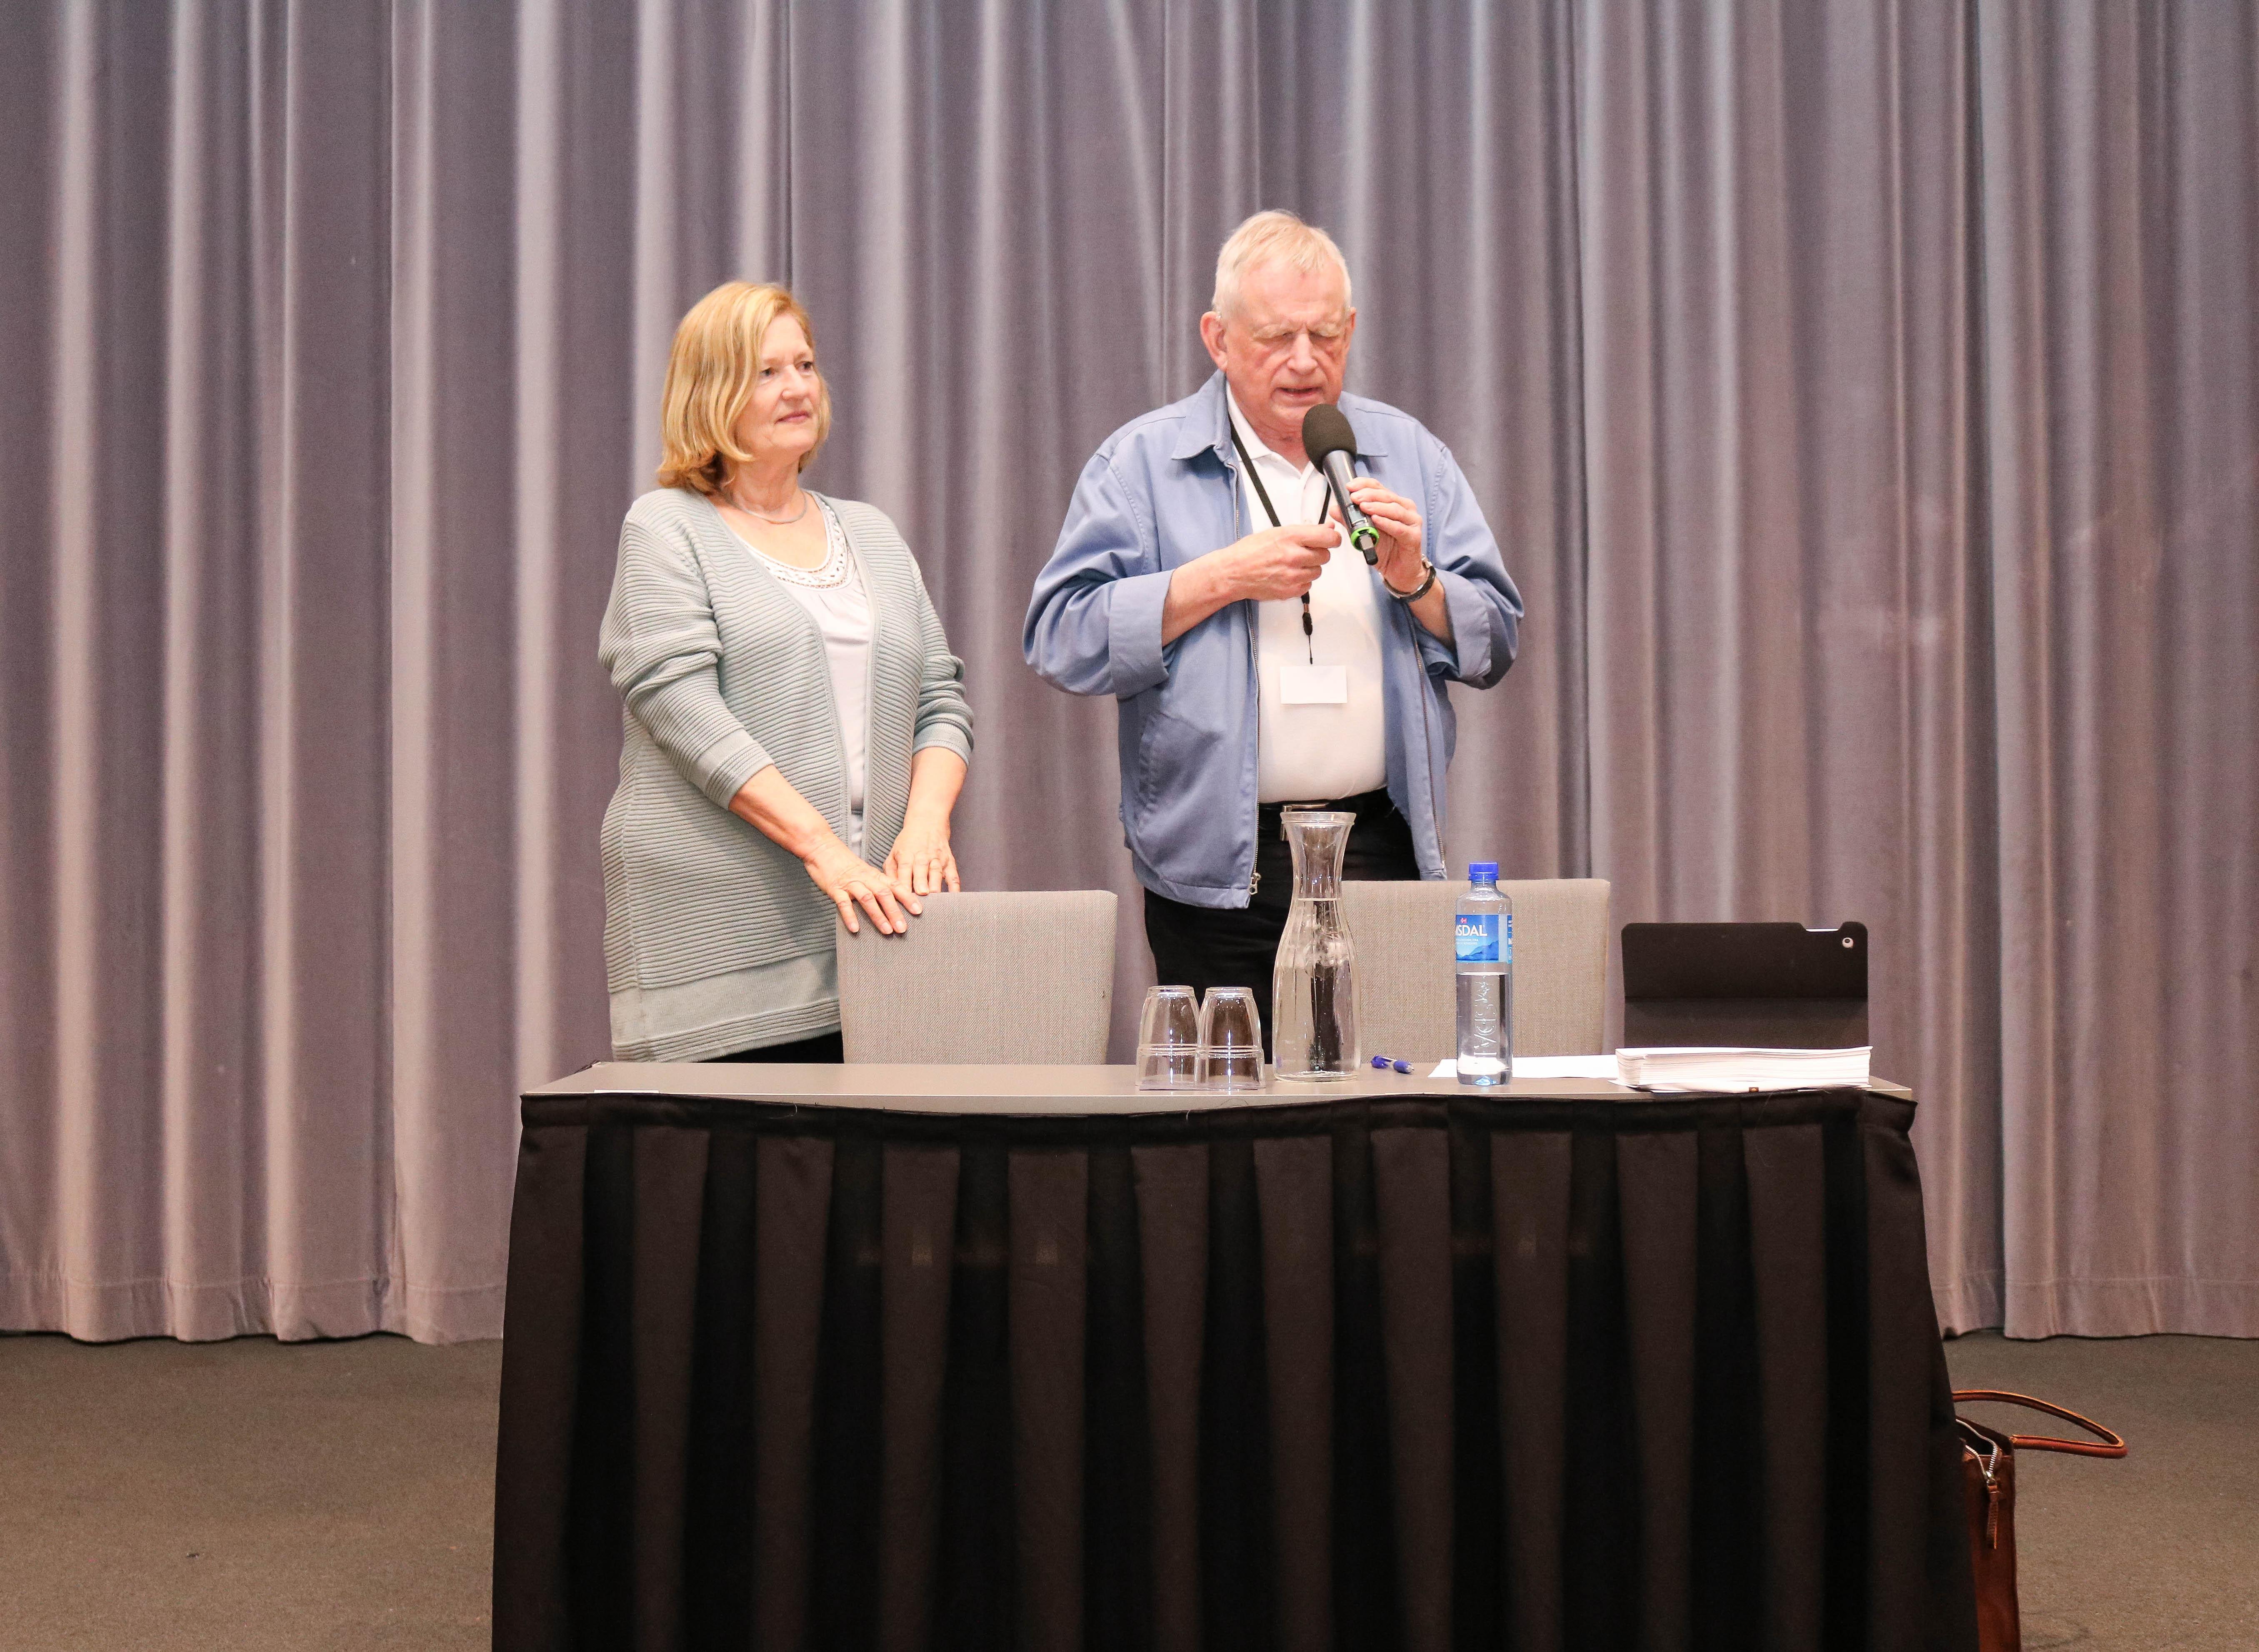 Leder for FNDB prater i mikrofon oppe på et podie, til venstre står en kvinnelig tolk-ledsager.